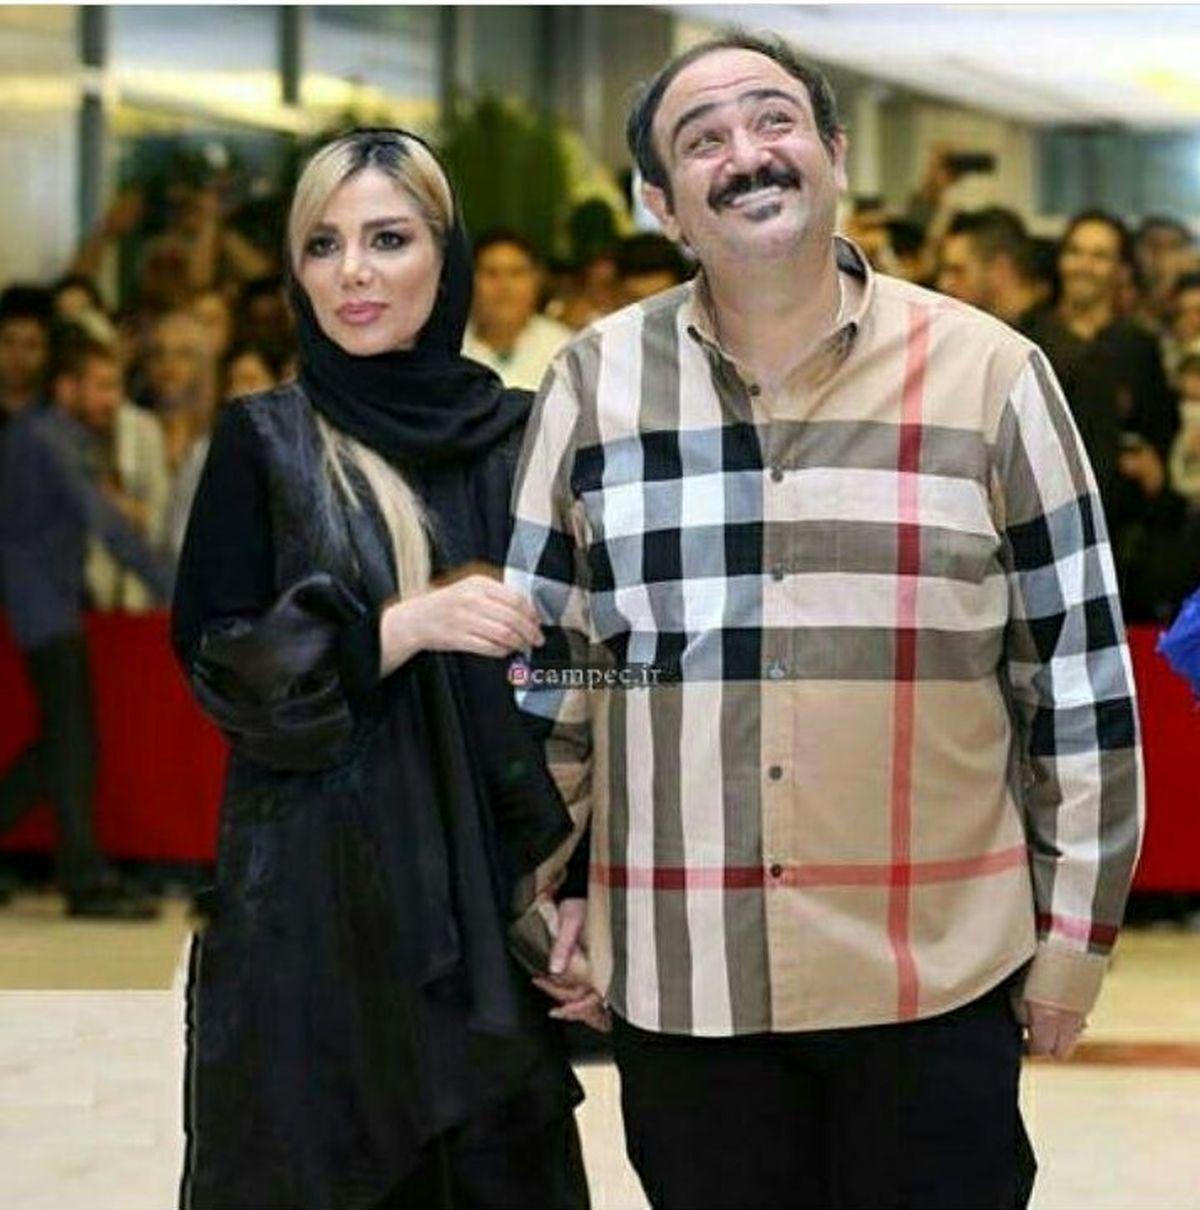 مهران غفوریان و همسرش در رستوران لاکچری + عکس